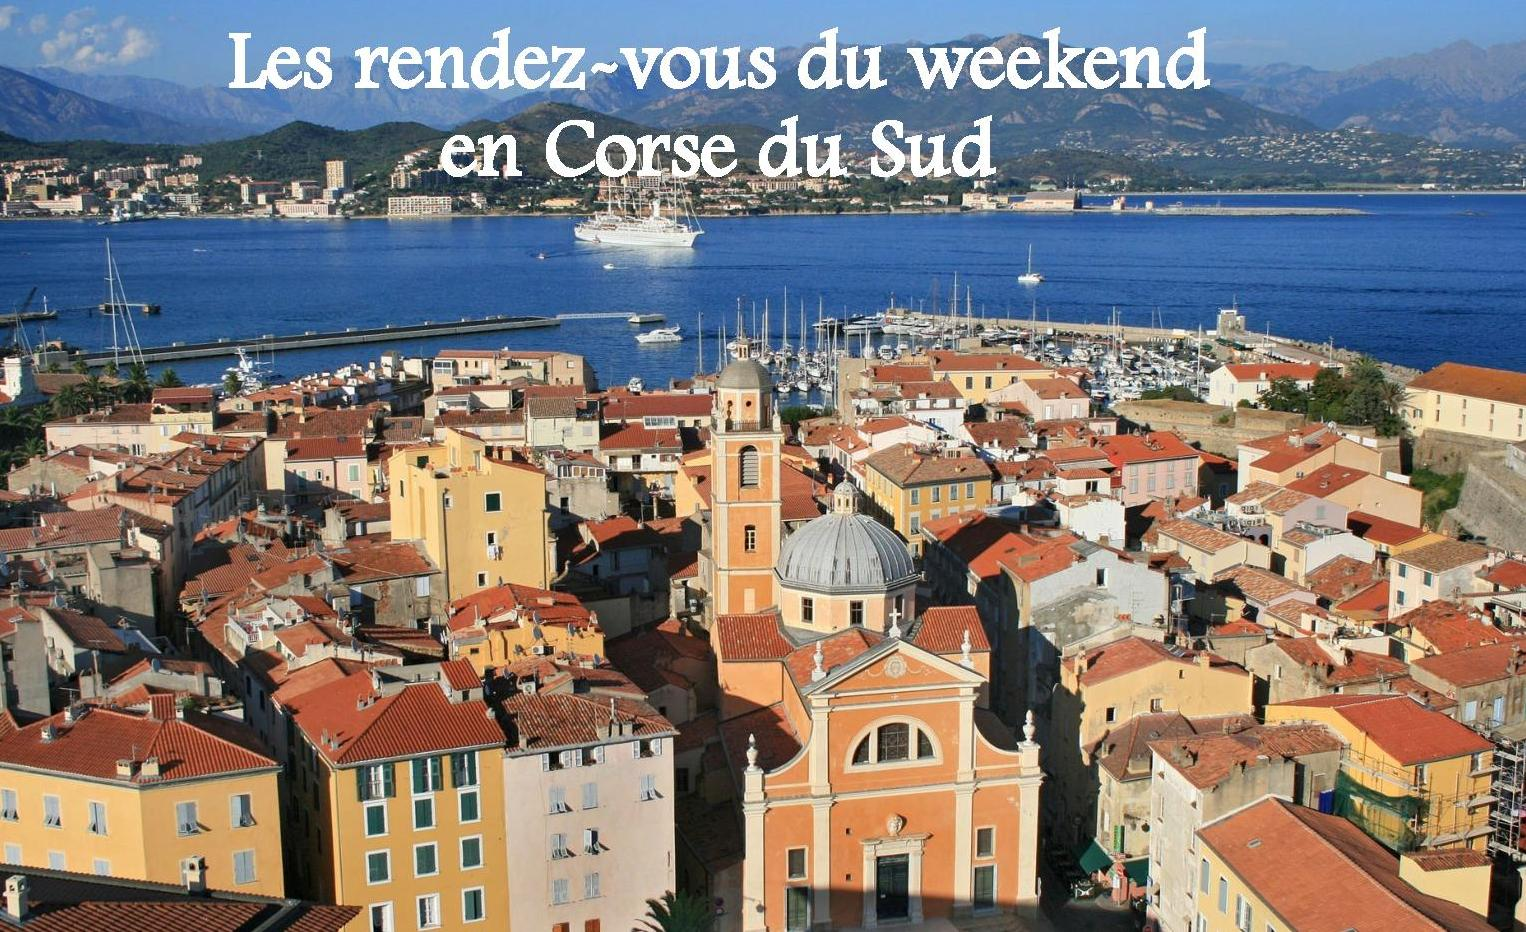 Weekend en Corse du Sud : Les rendez-vous à ne pas rater